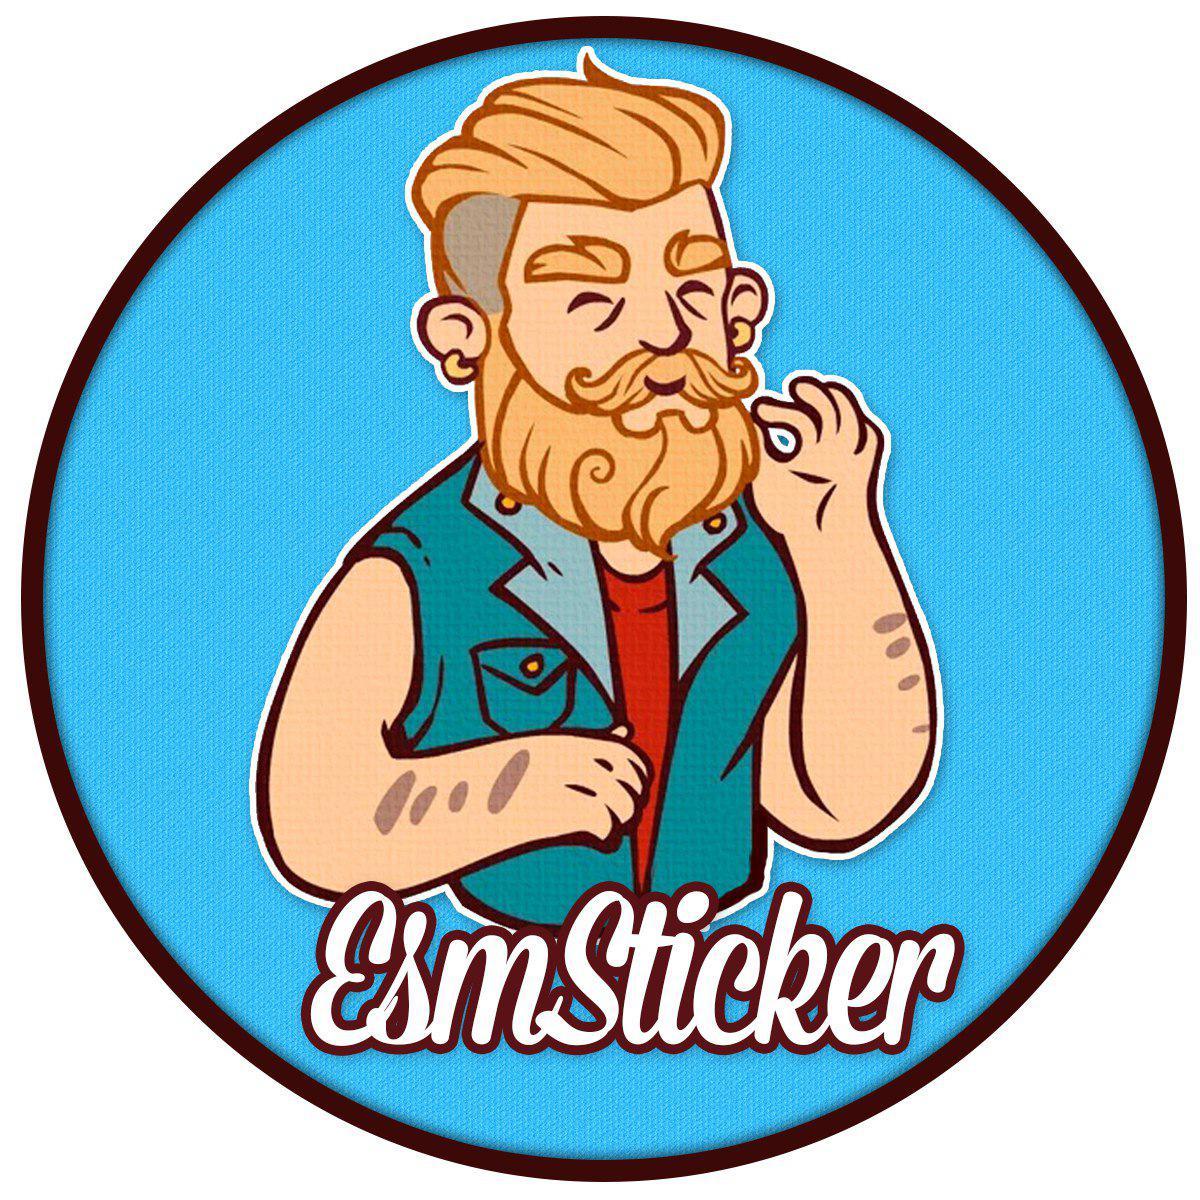 کانال EsmSticker اسم استیکر